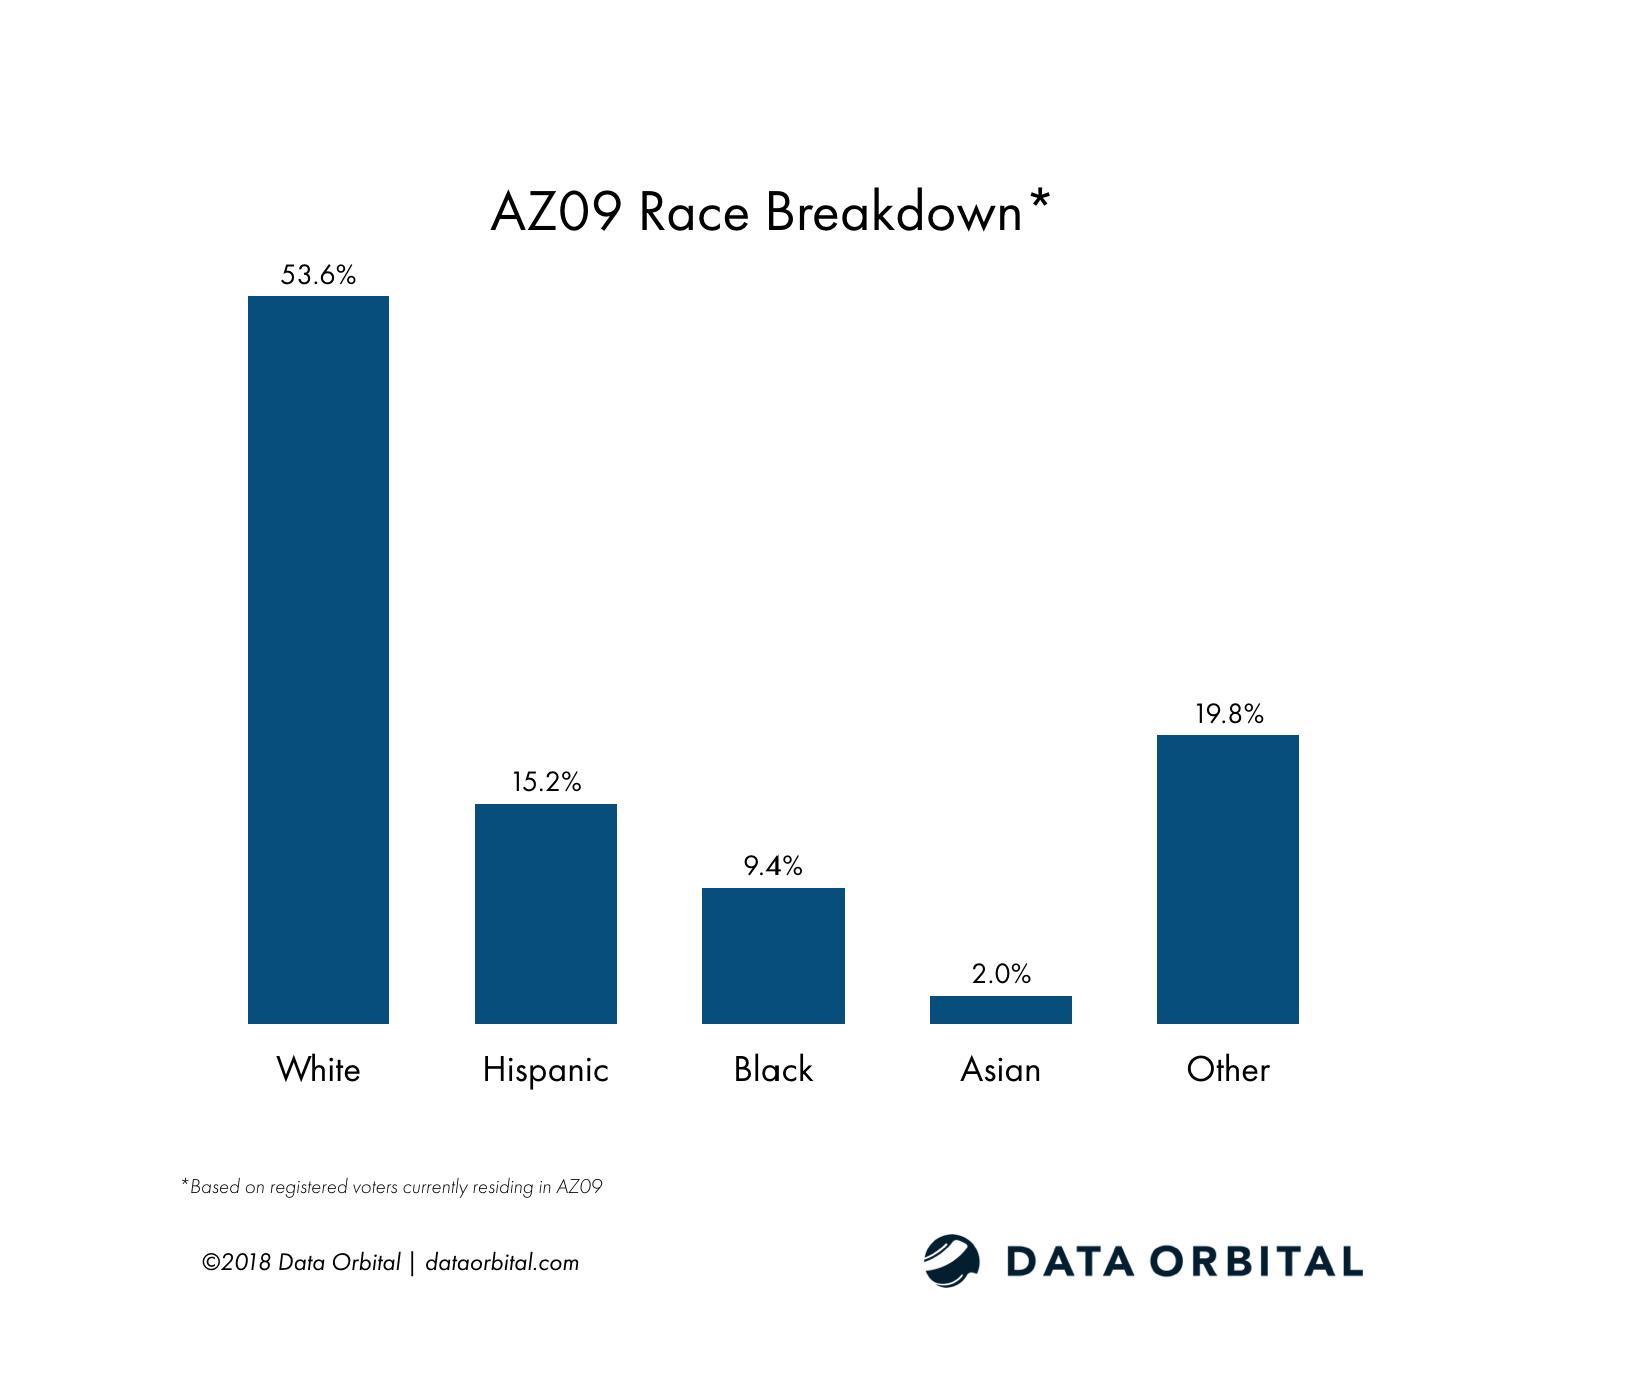 AZ09 District Profile Race Breakdown